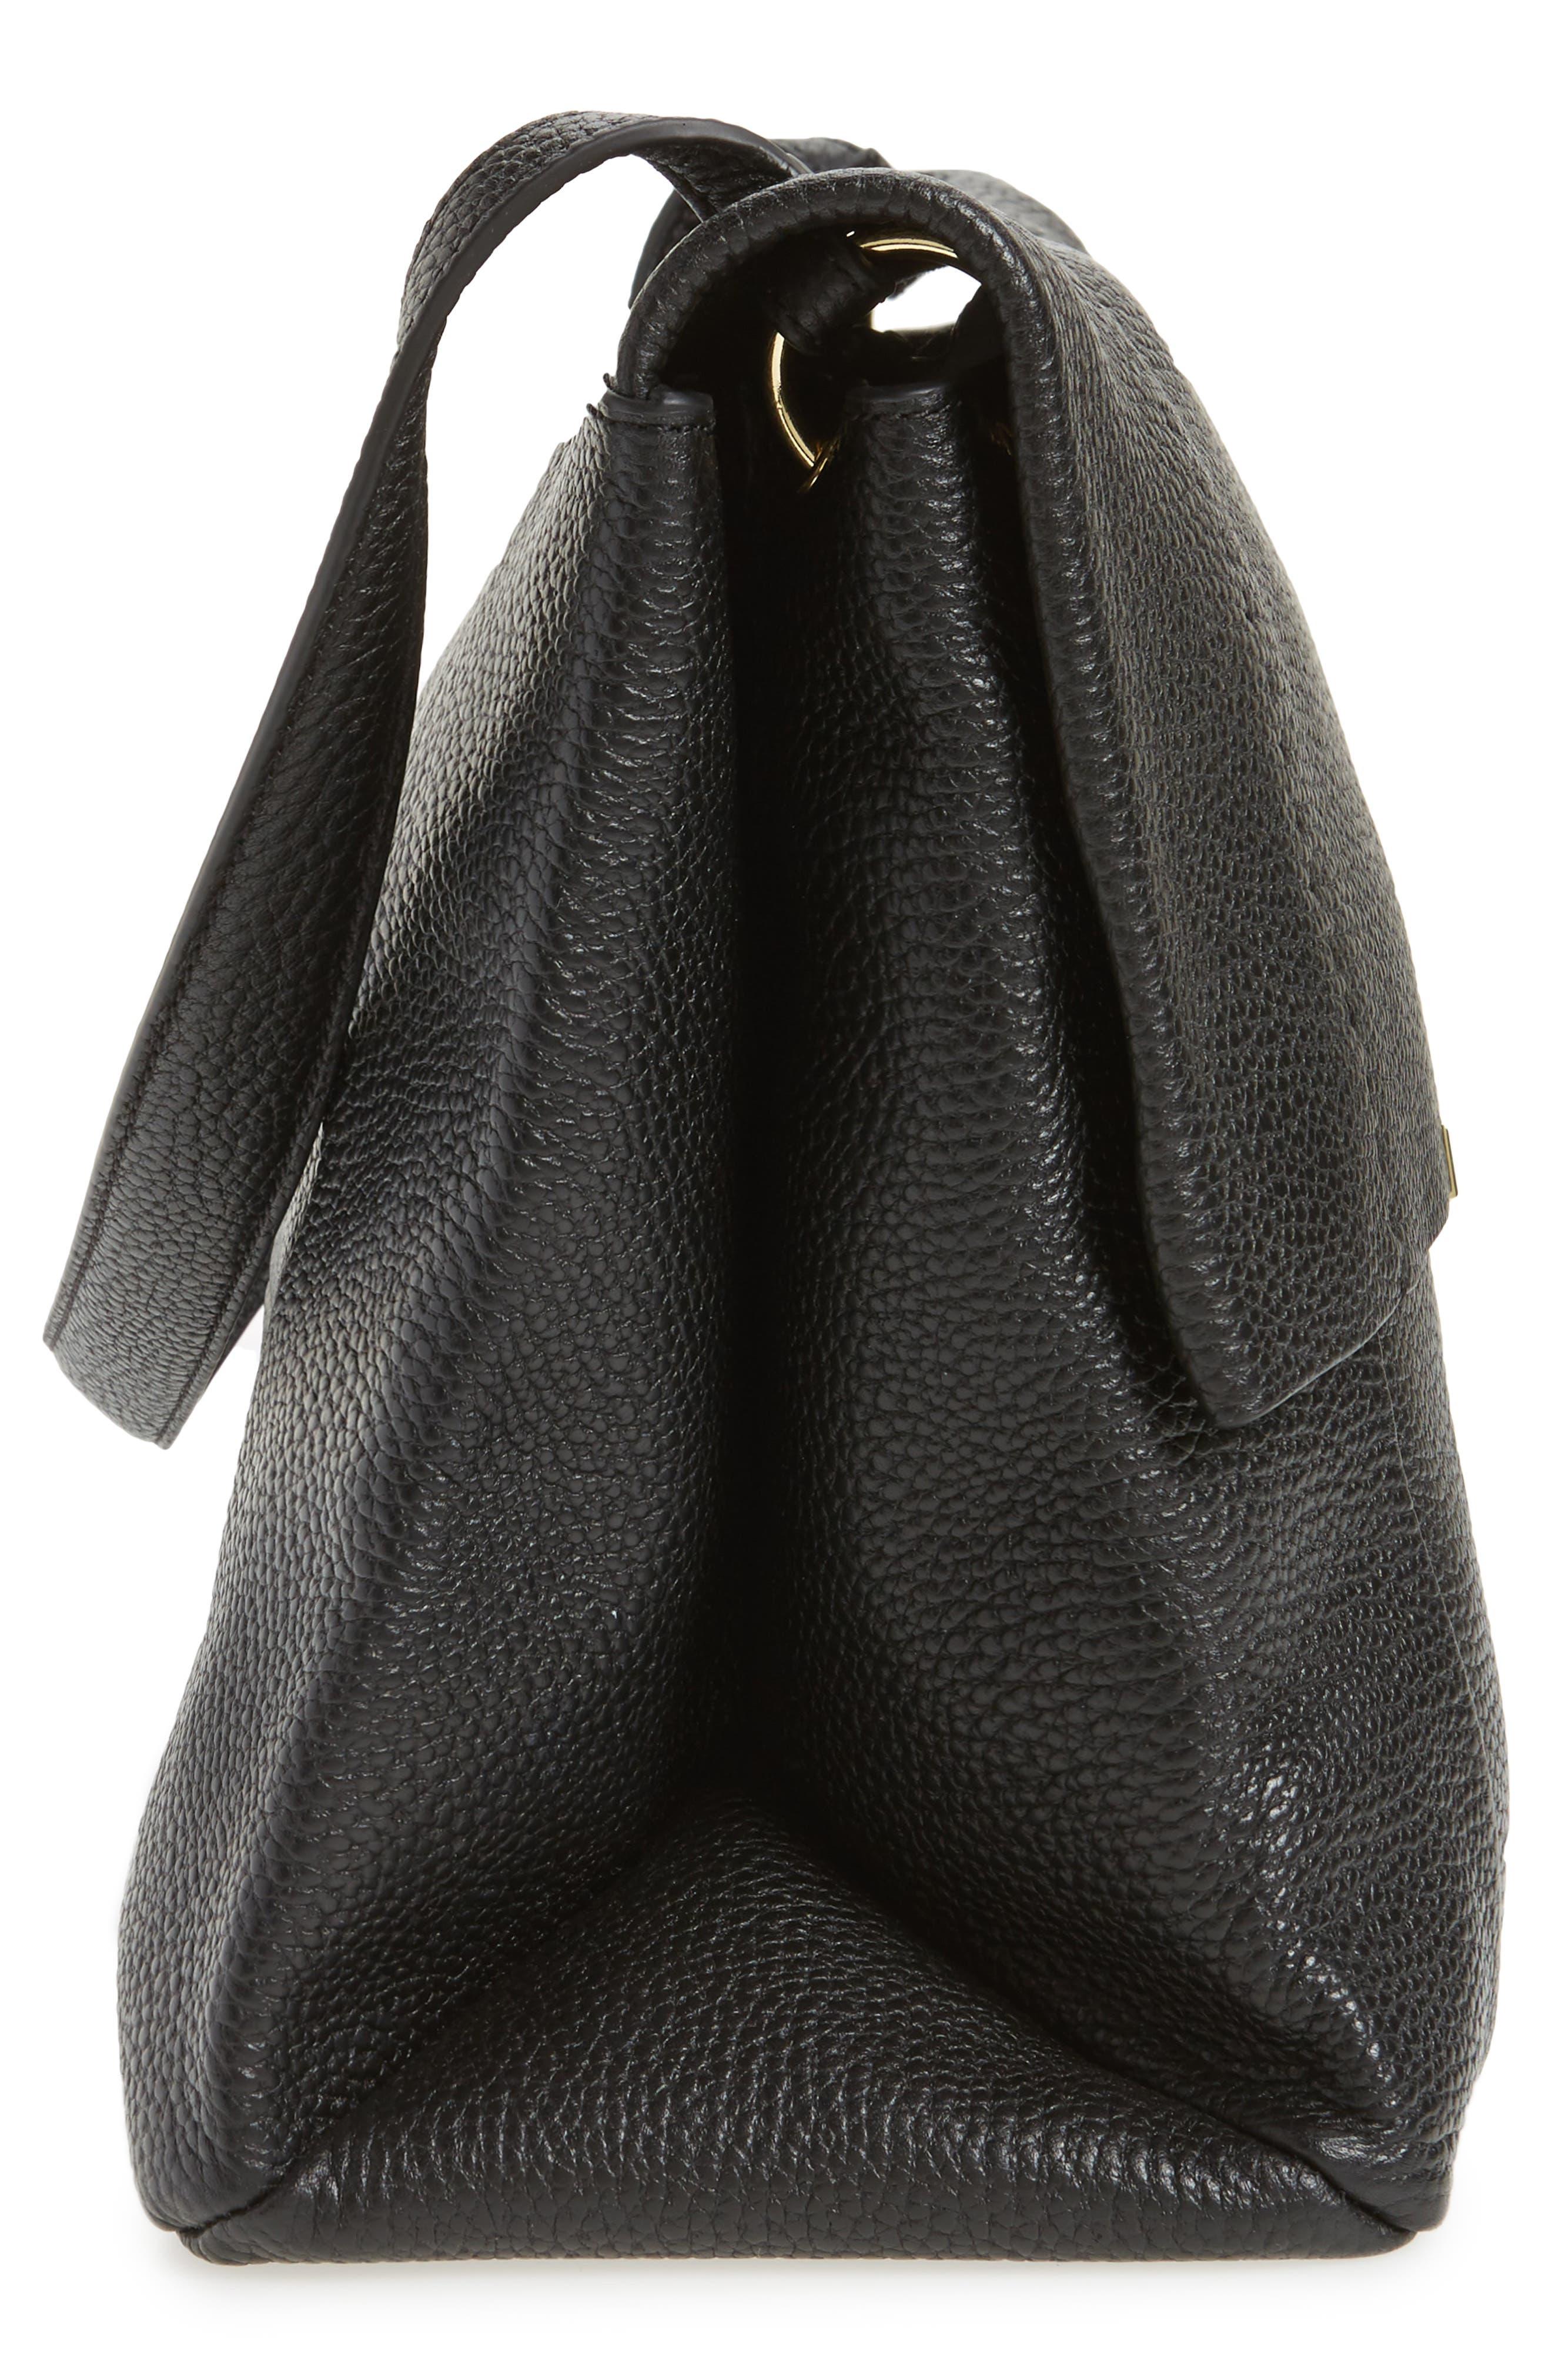 Proter Leather Shoulder Bag,                             Alternate thumbnail 5, color,                             001